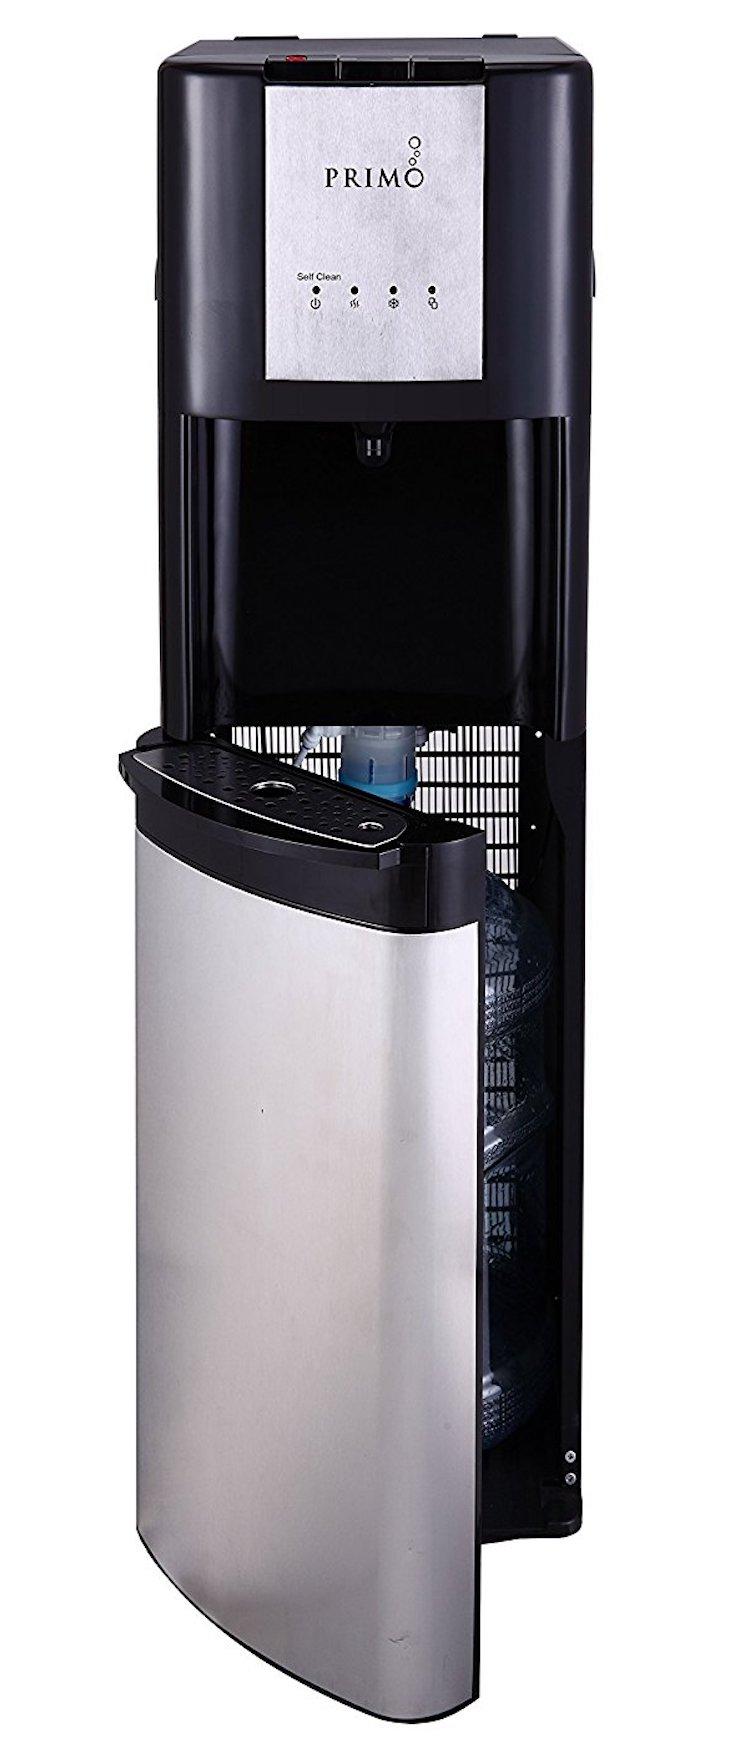 Primo Premium Effortless Bottom Loading Water Dispenser